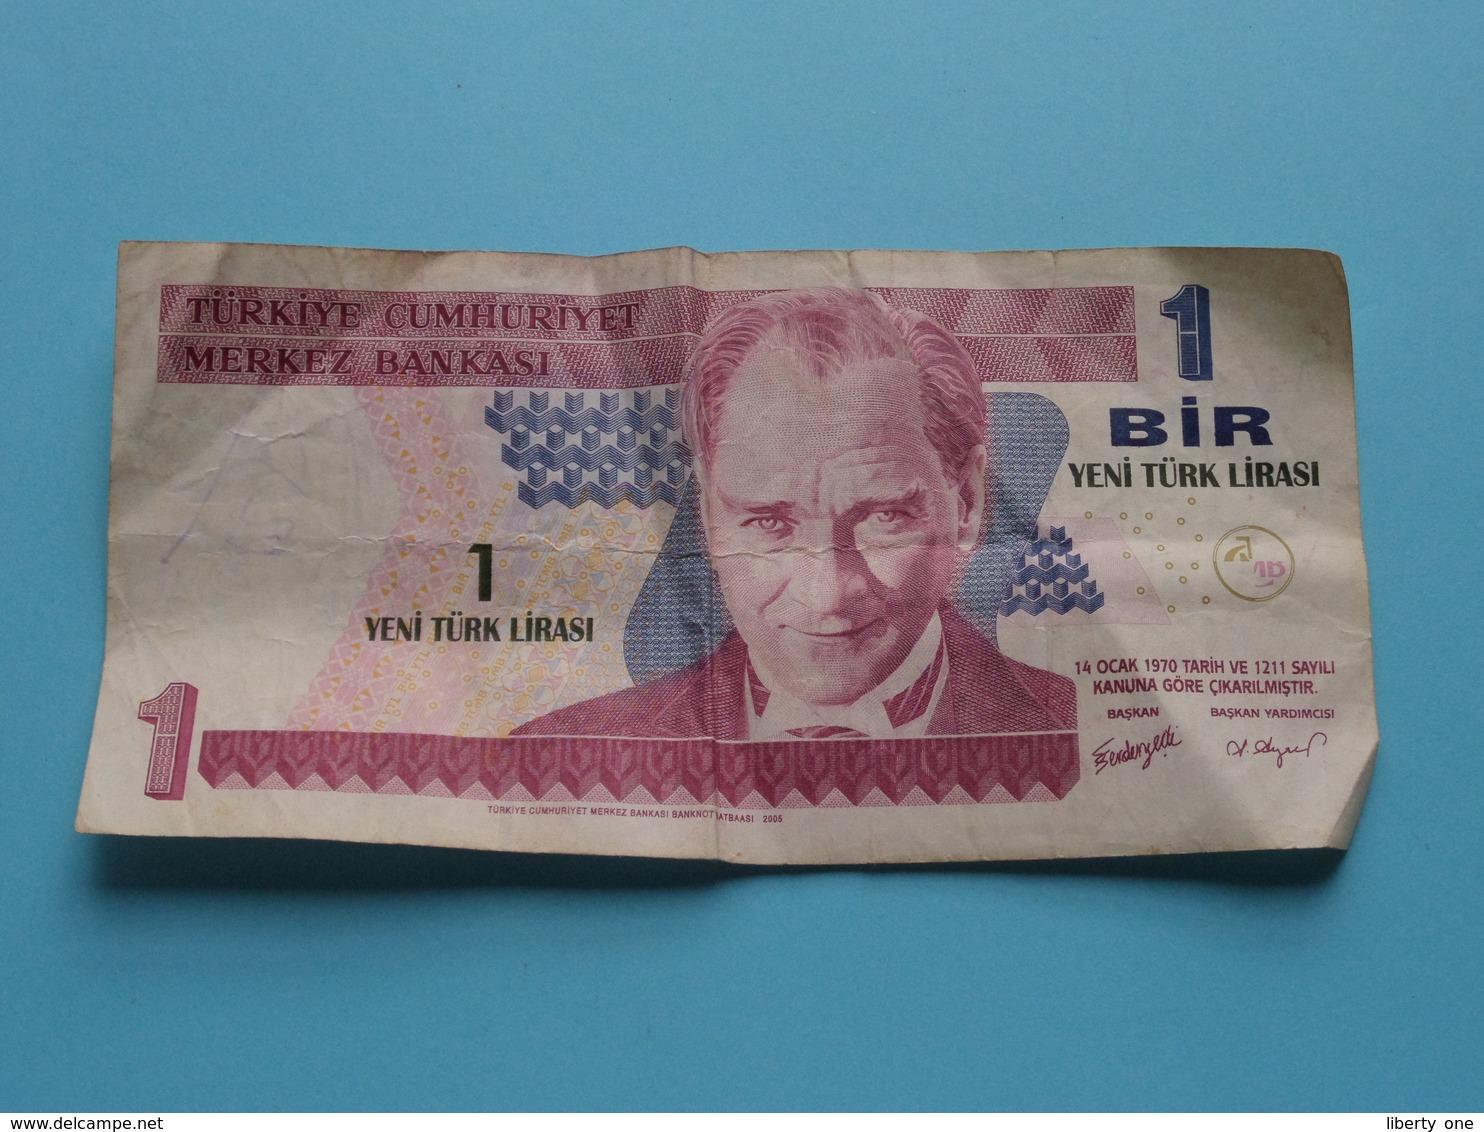 1 BIR Yeni Türk Lirasi : 14 Ocak 1970 > A45 171268 ( Türkiye Cumhuriyet Merkez Bankasi ) ! - Turkije